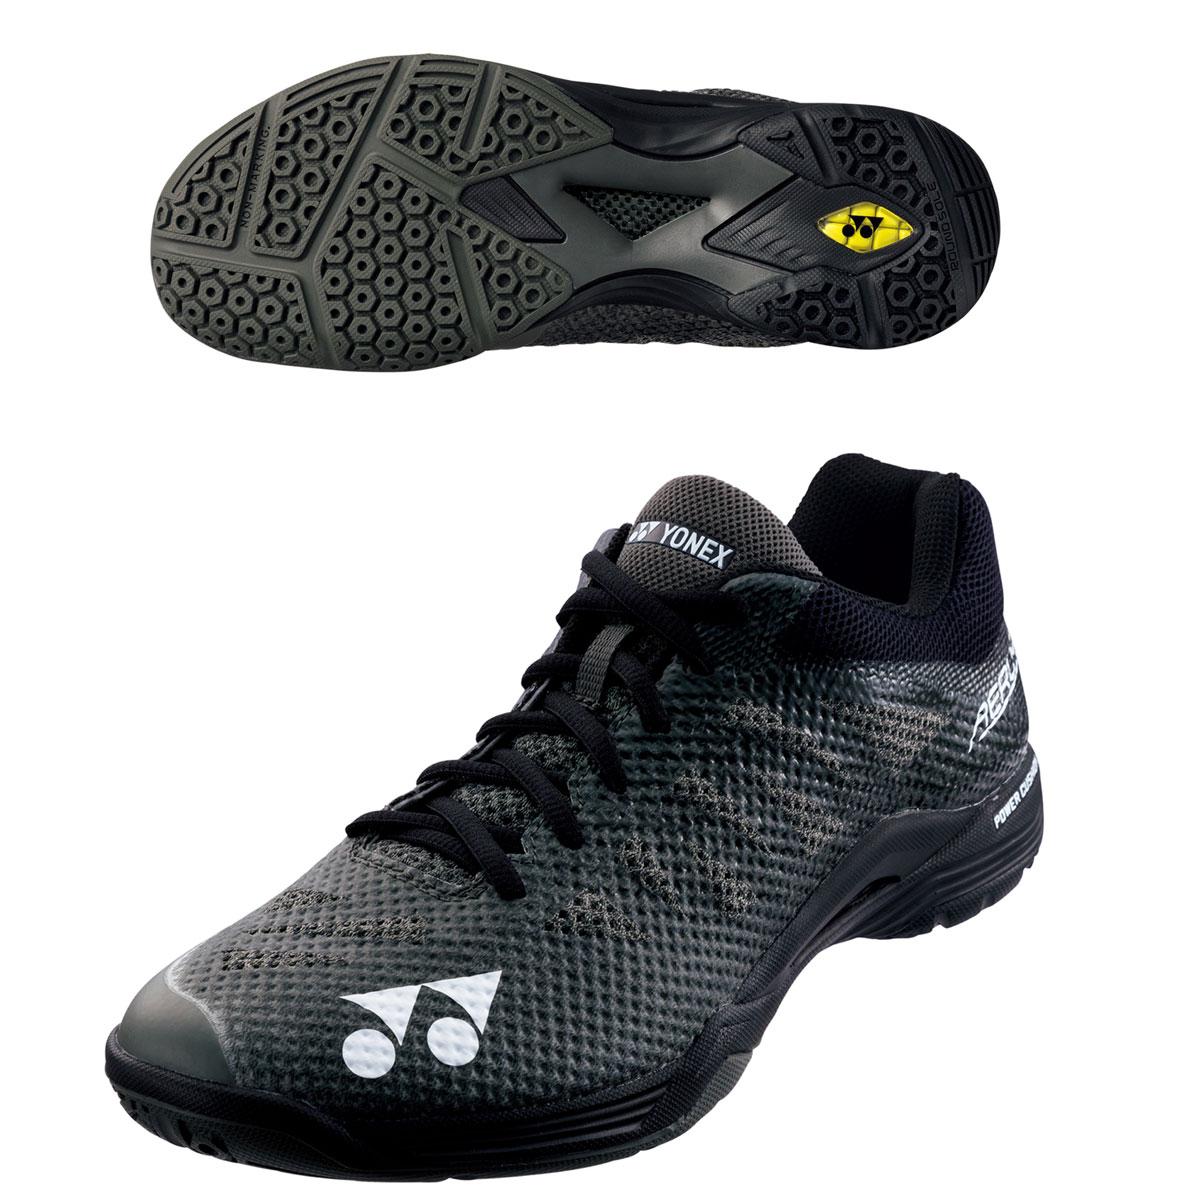 Giày cầu lông YONEX AERUS 3 - Đen (Chính hãng)